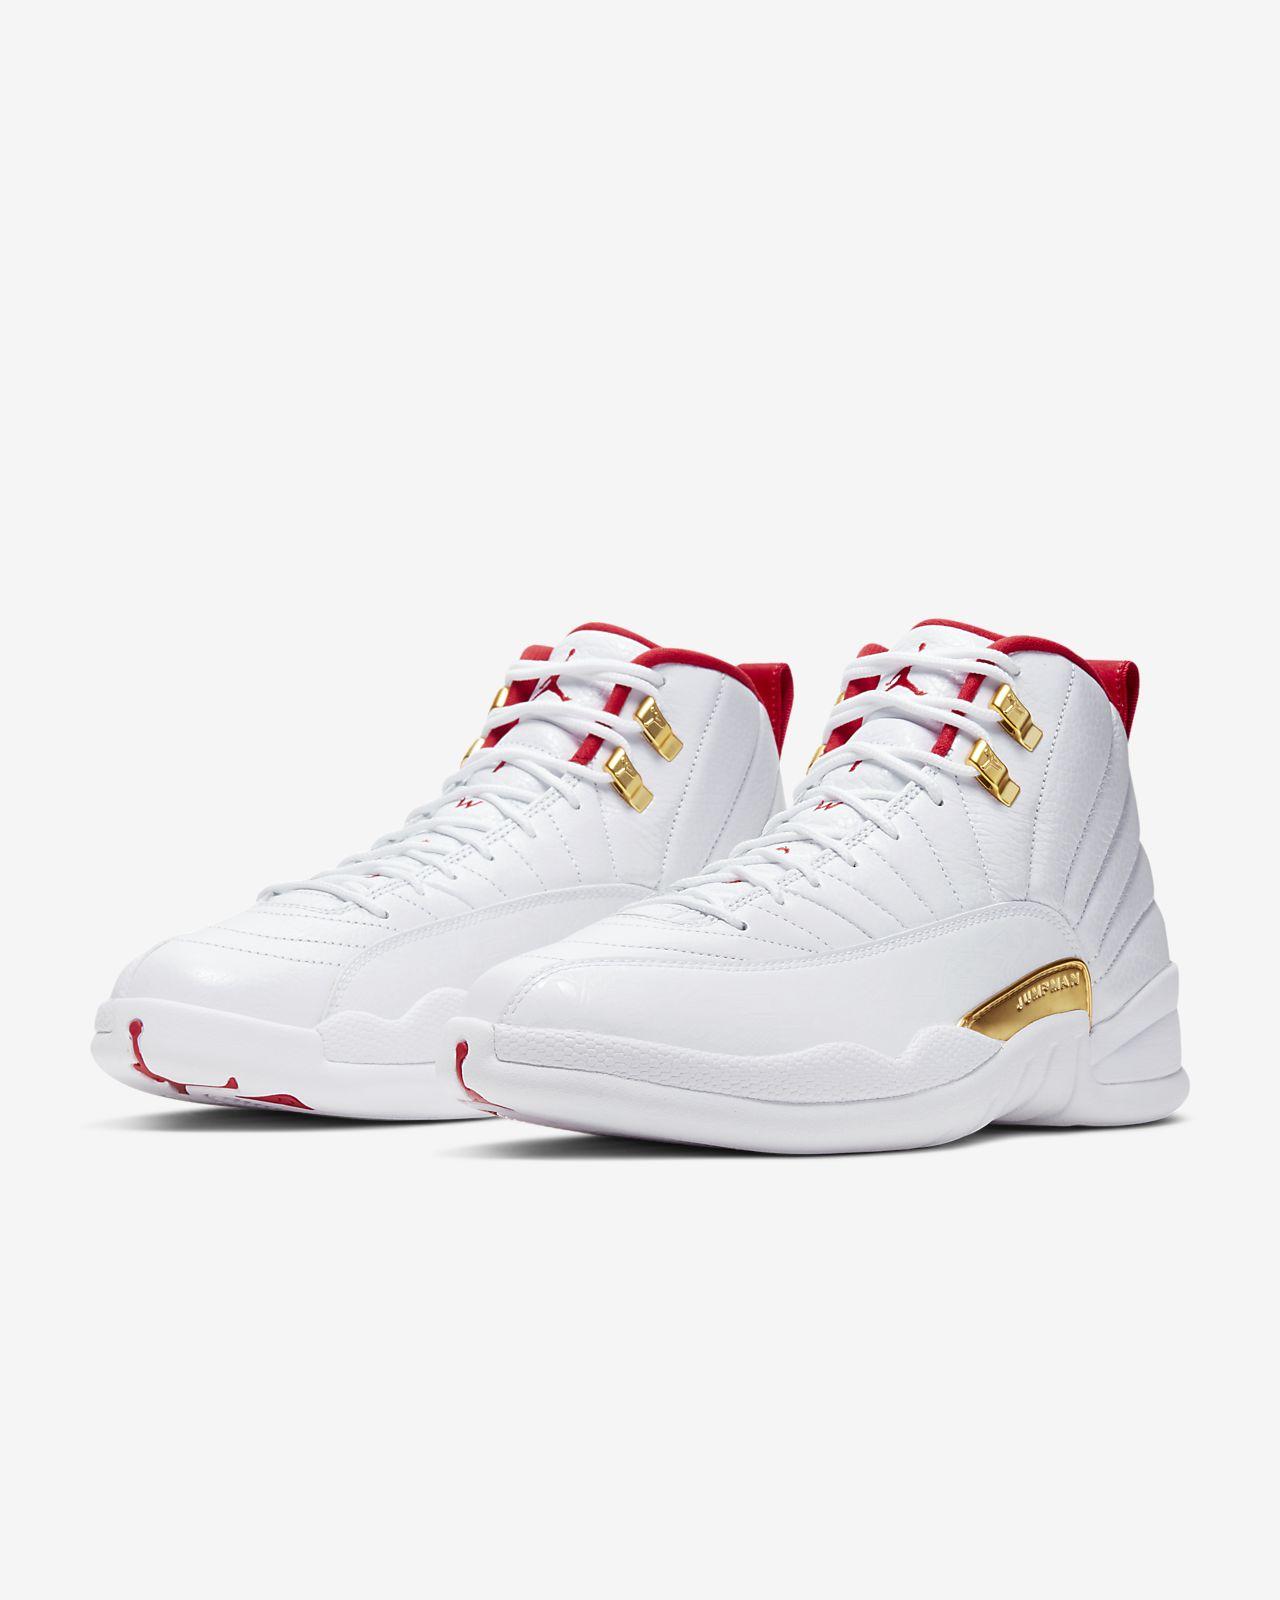 vente chaude en ligne 55aeb 746a7 Air Jordan 12 Retro Men's Shoe